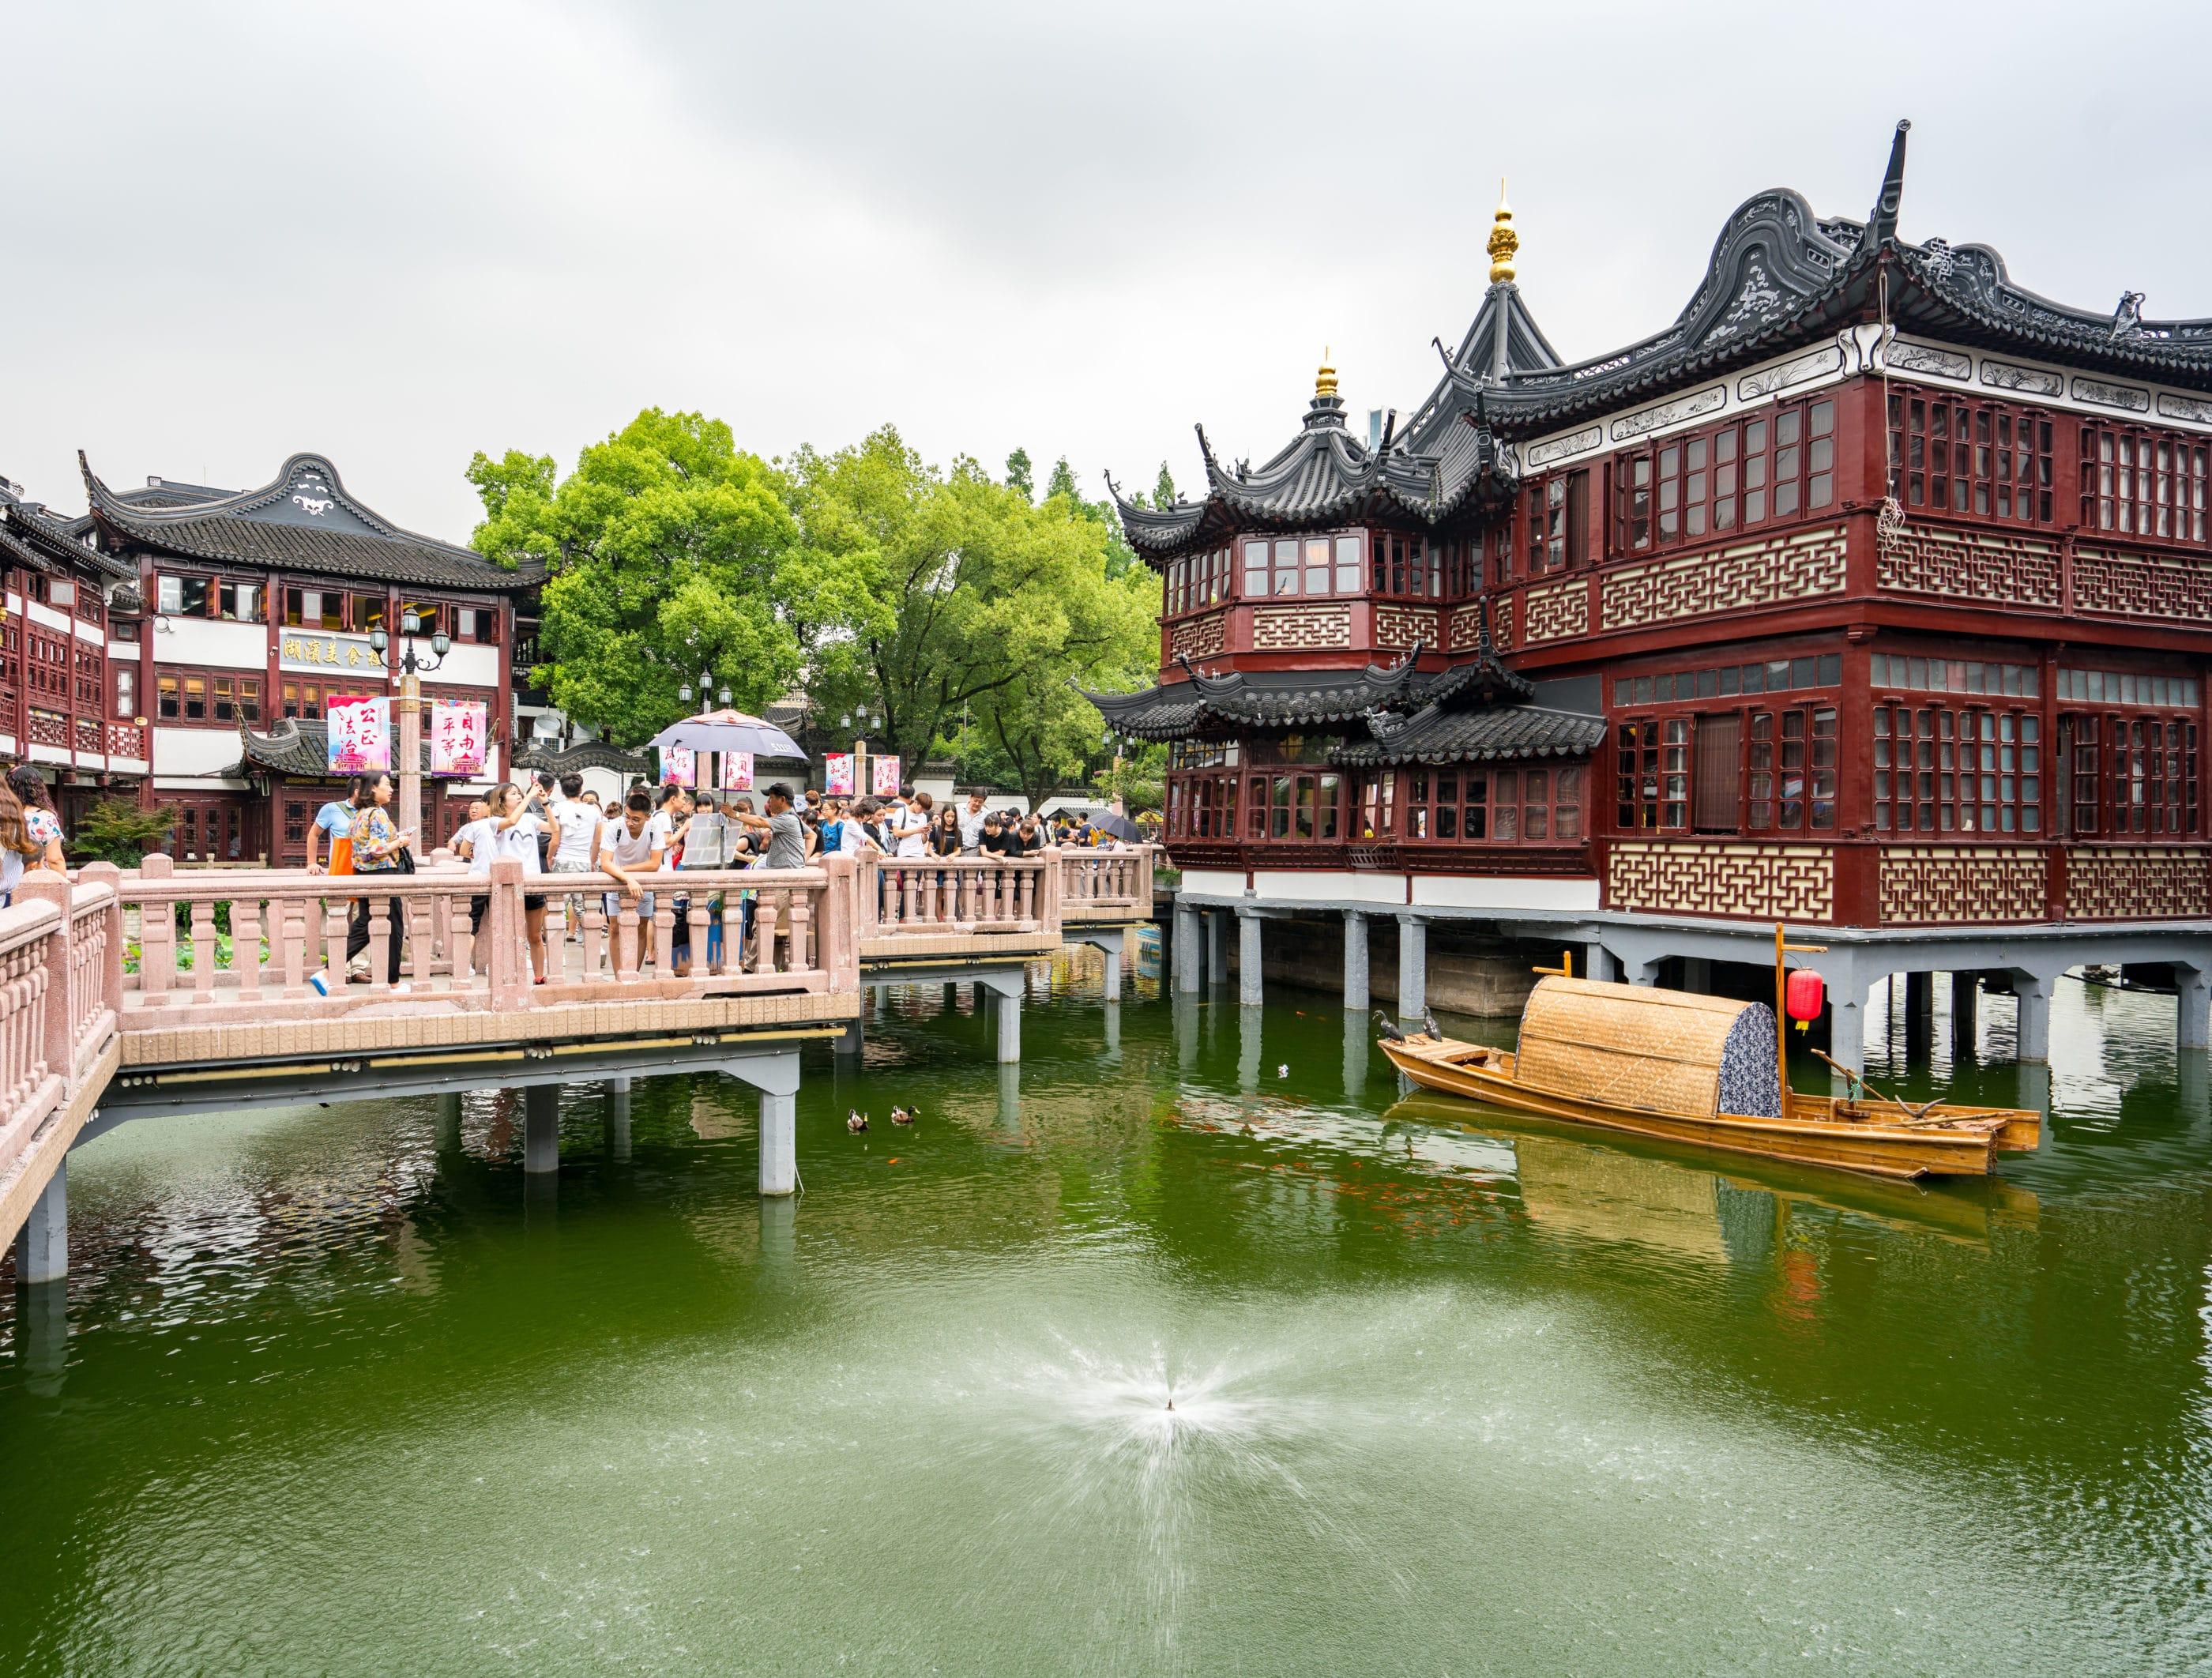 Things to do in Shanghai: Yu Garden